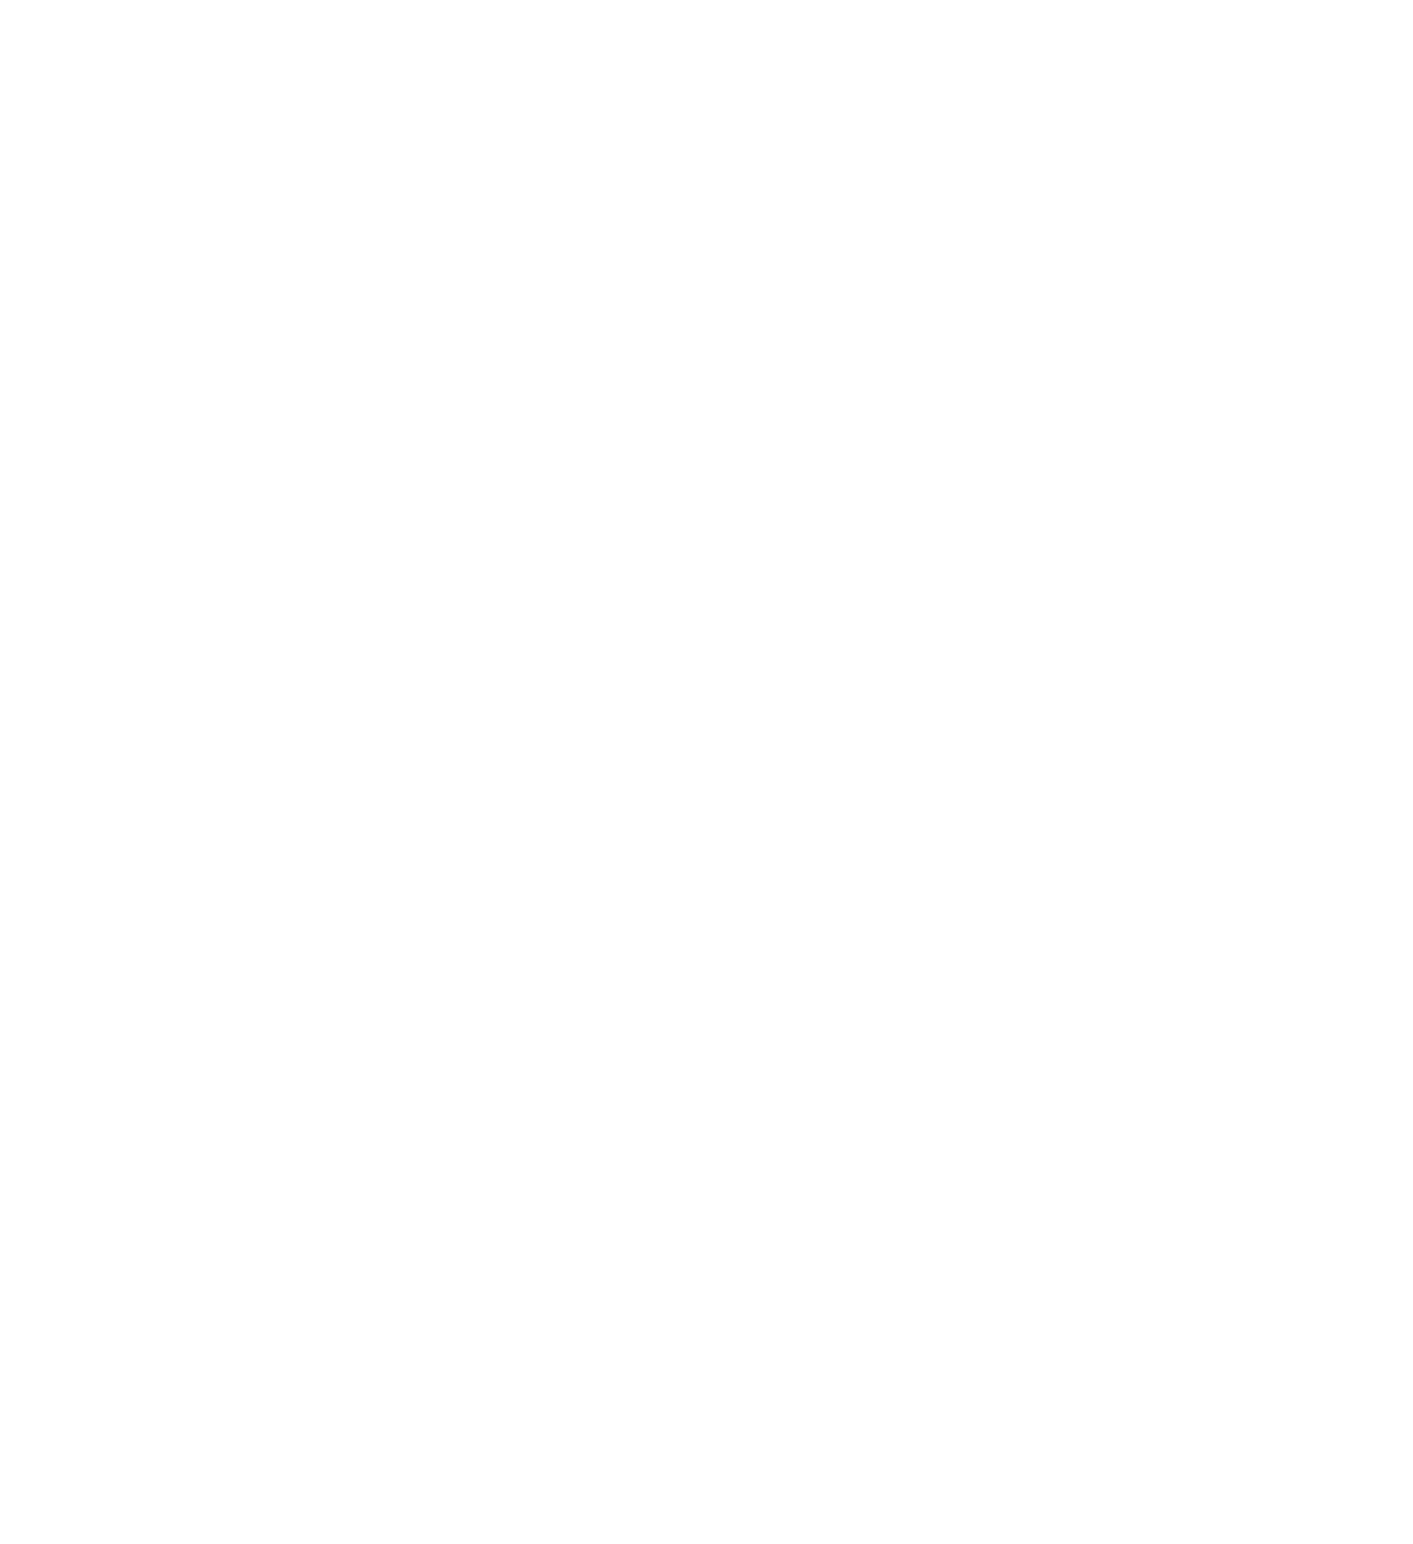 REUNION GRAFFITI